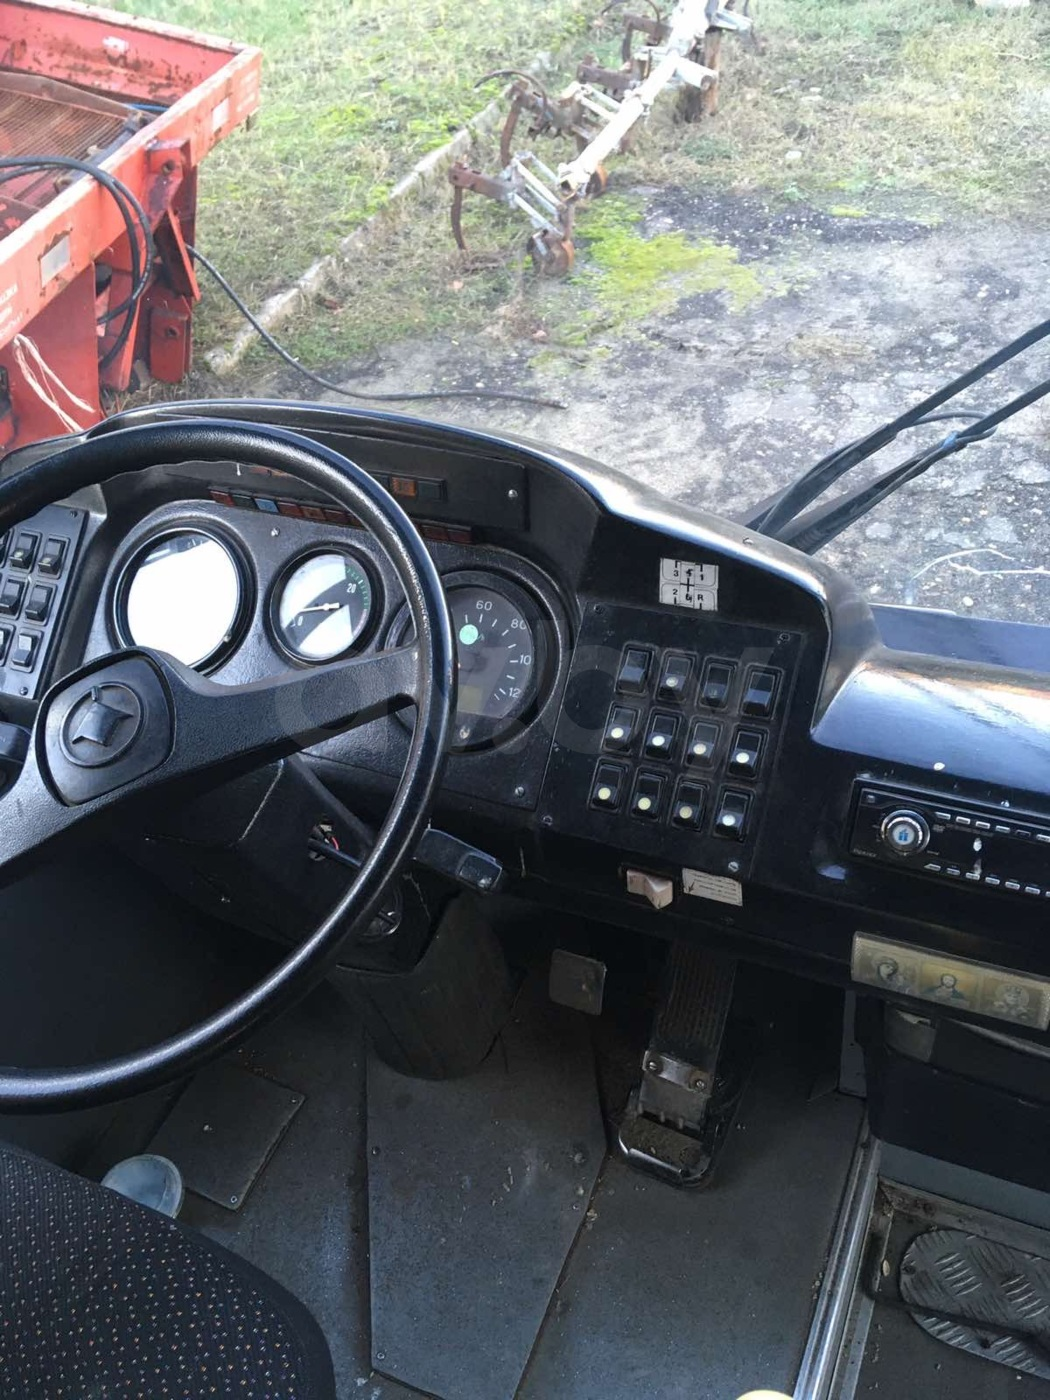 ПАЗ 4230, 2000 г.